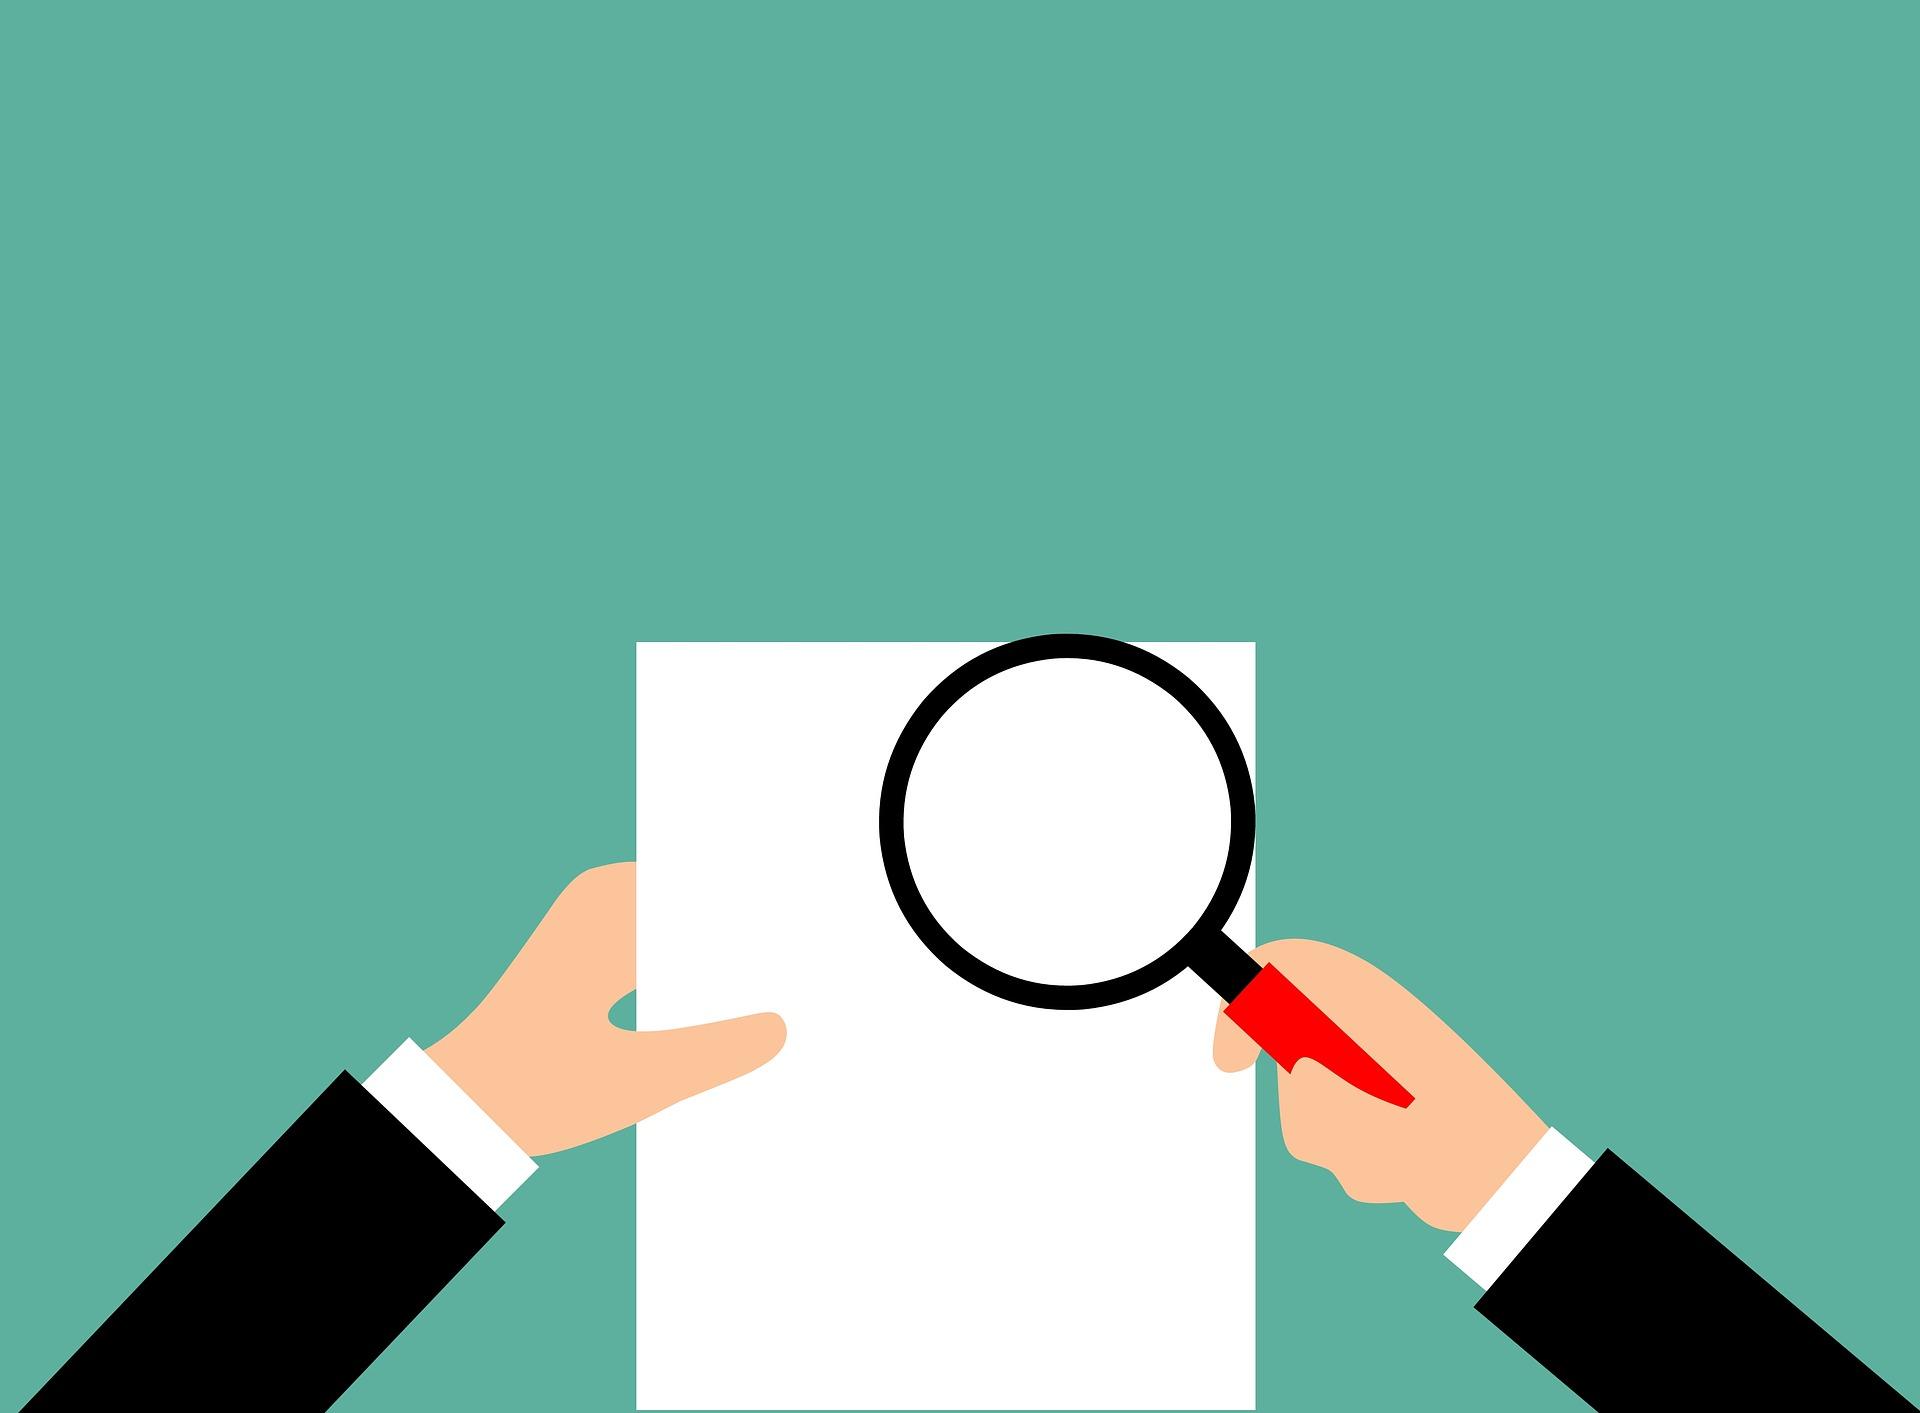 inspecciones CNMC practicas anticompetitivas